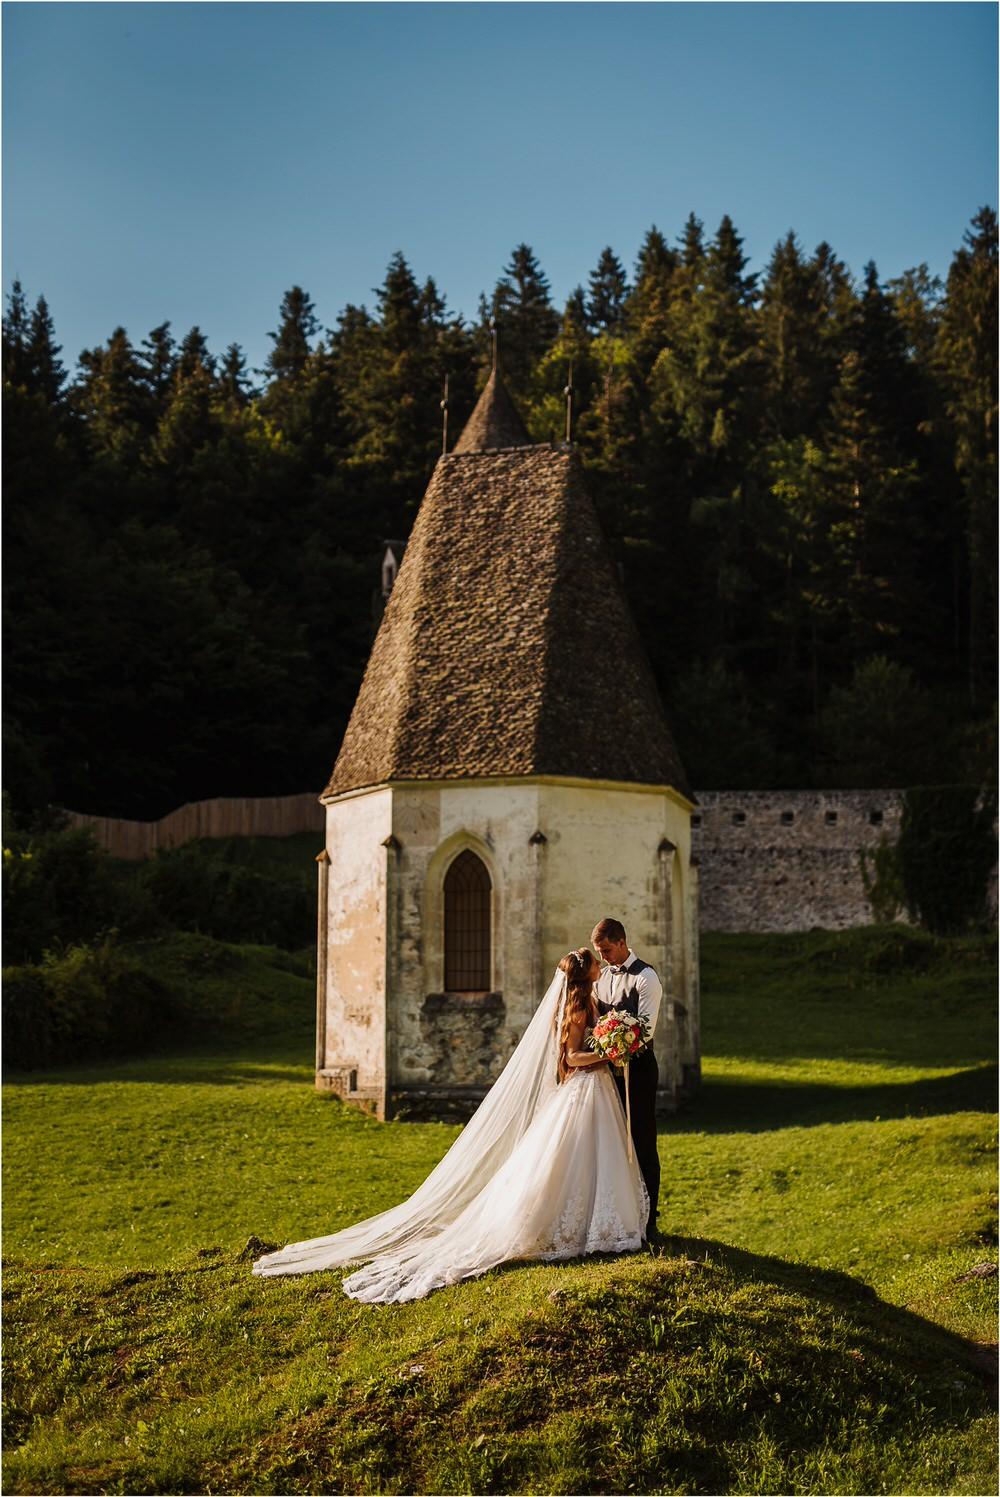 zicka kartuzija poroka porocni fotograf fotografija luka in ben loce elegantna poroka slovenski porocni fotograf  0080.jpg